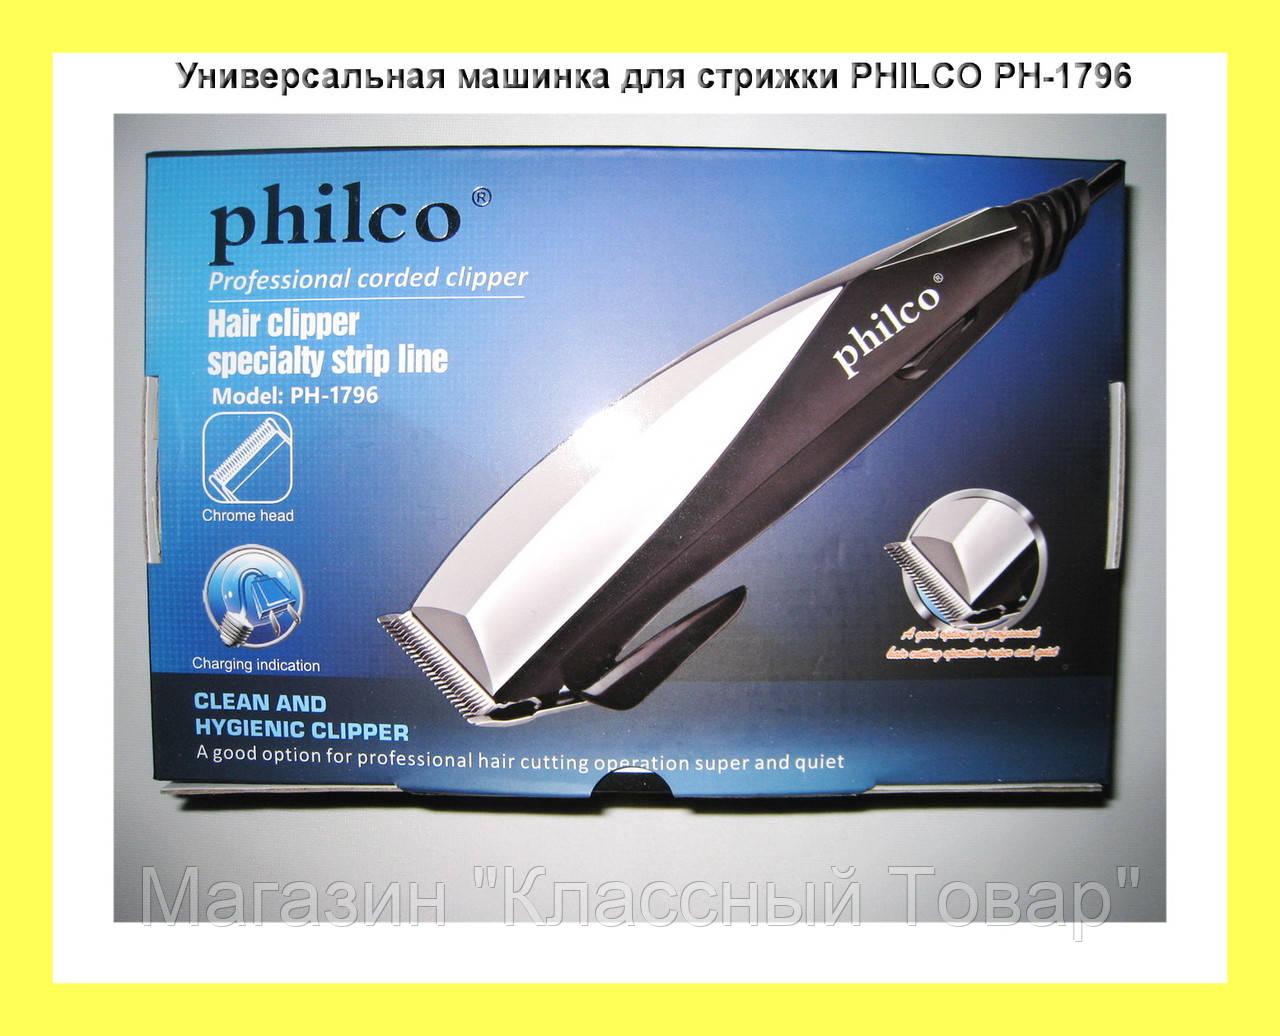 Универсальная машинка для стрижки PHILCO PH-1796